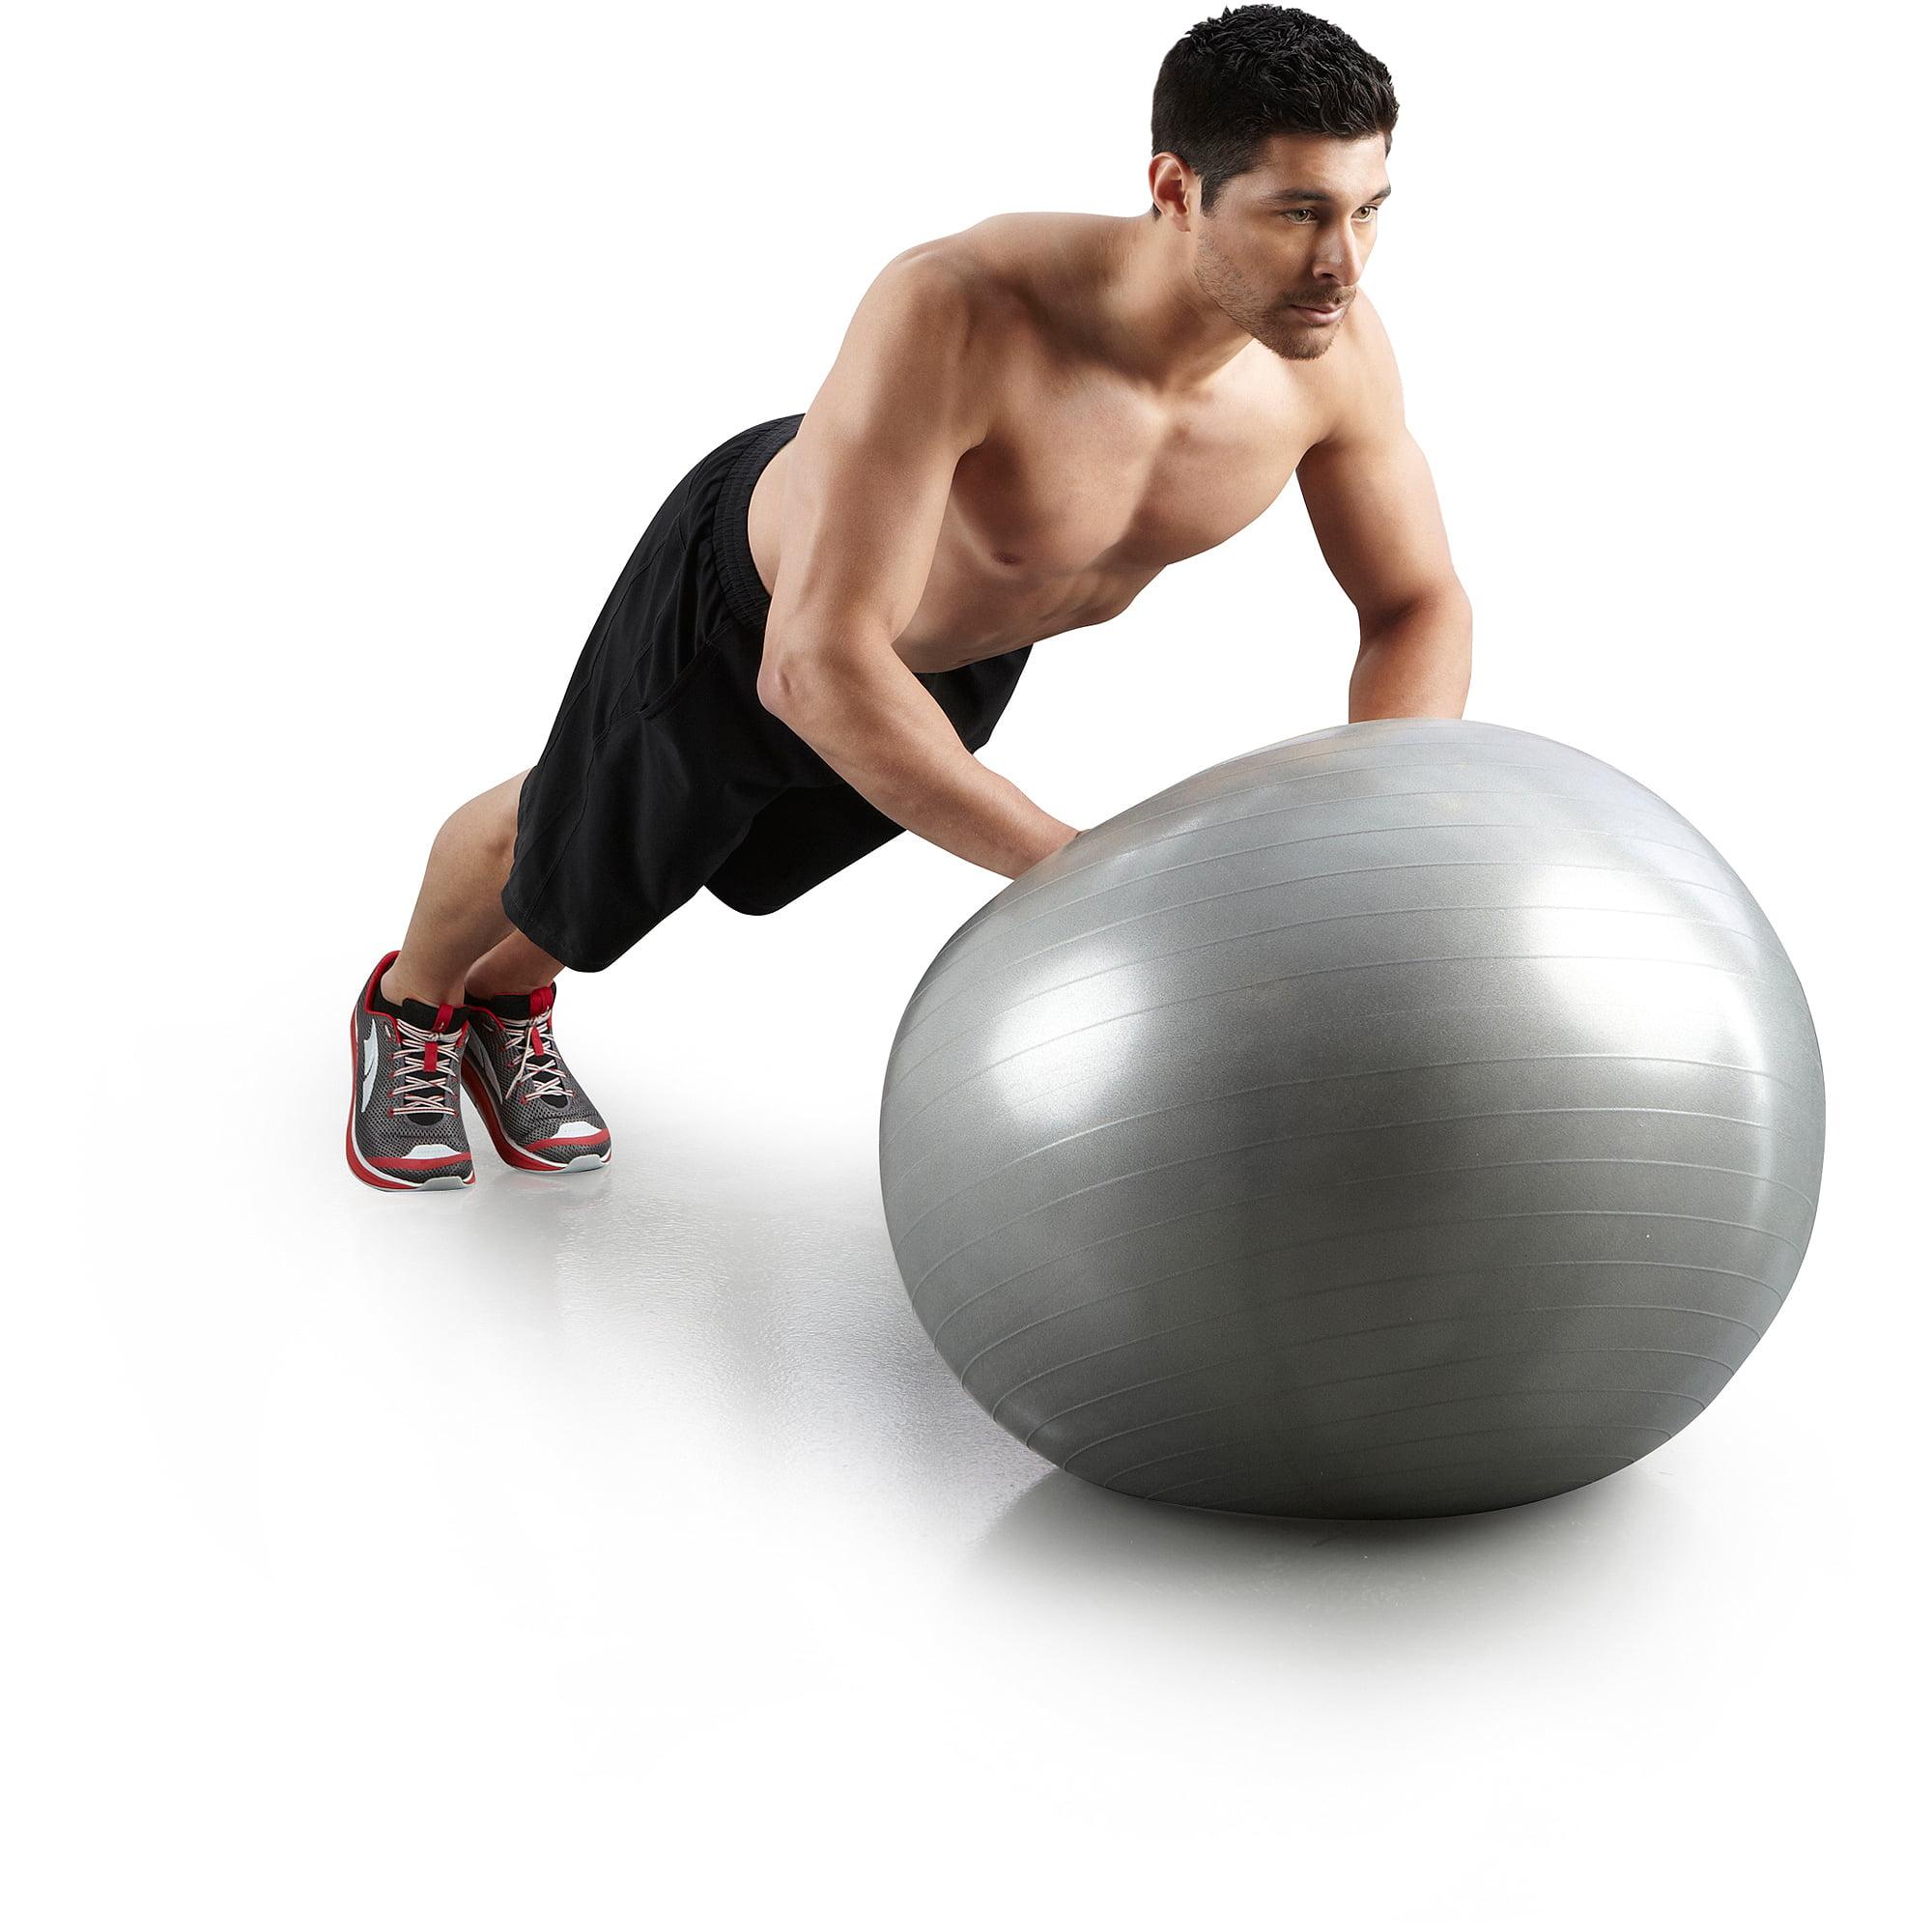 Nov 19, · Body-Ball - elegáns zsírégetés, alakformálás, extra kalóriaégetés!:) Cseresnyés Beáta Body-Balls Koncepció - Pre-BEACTIVE!:) BEACTIVE! Be natural.